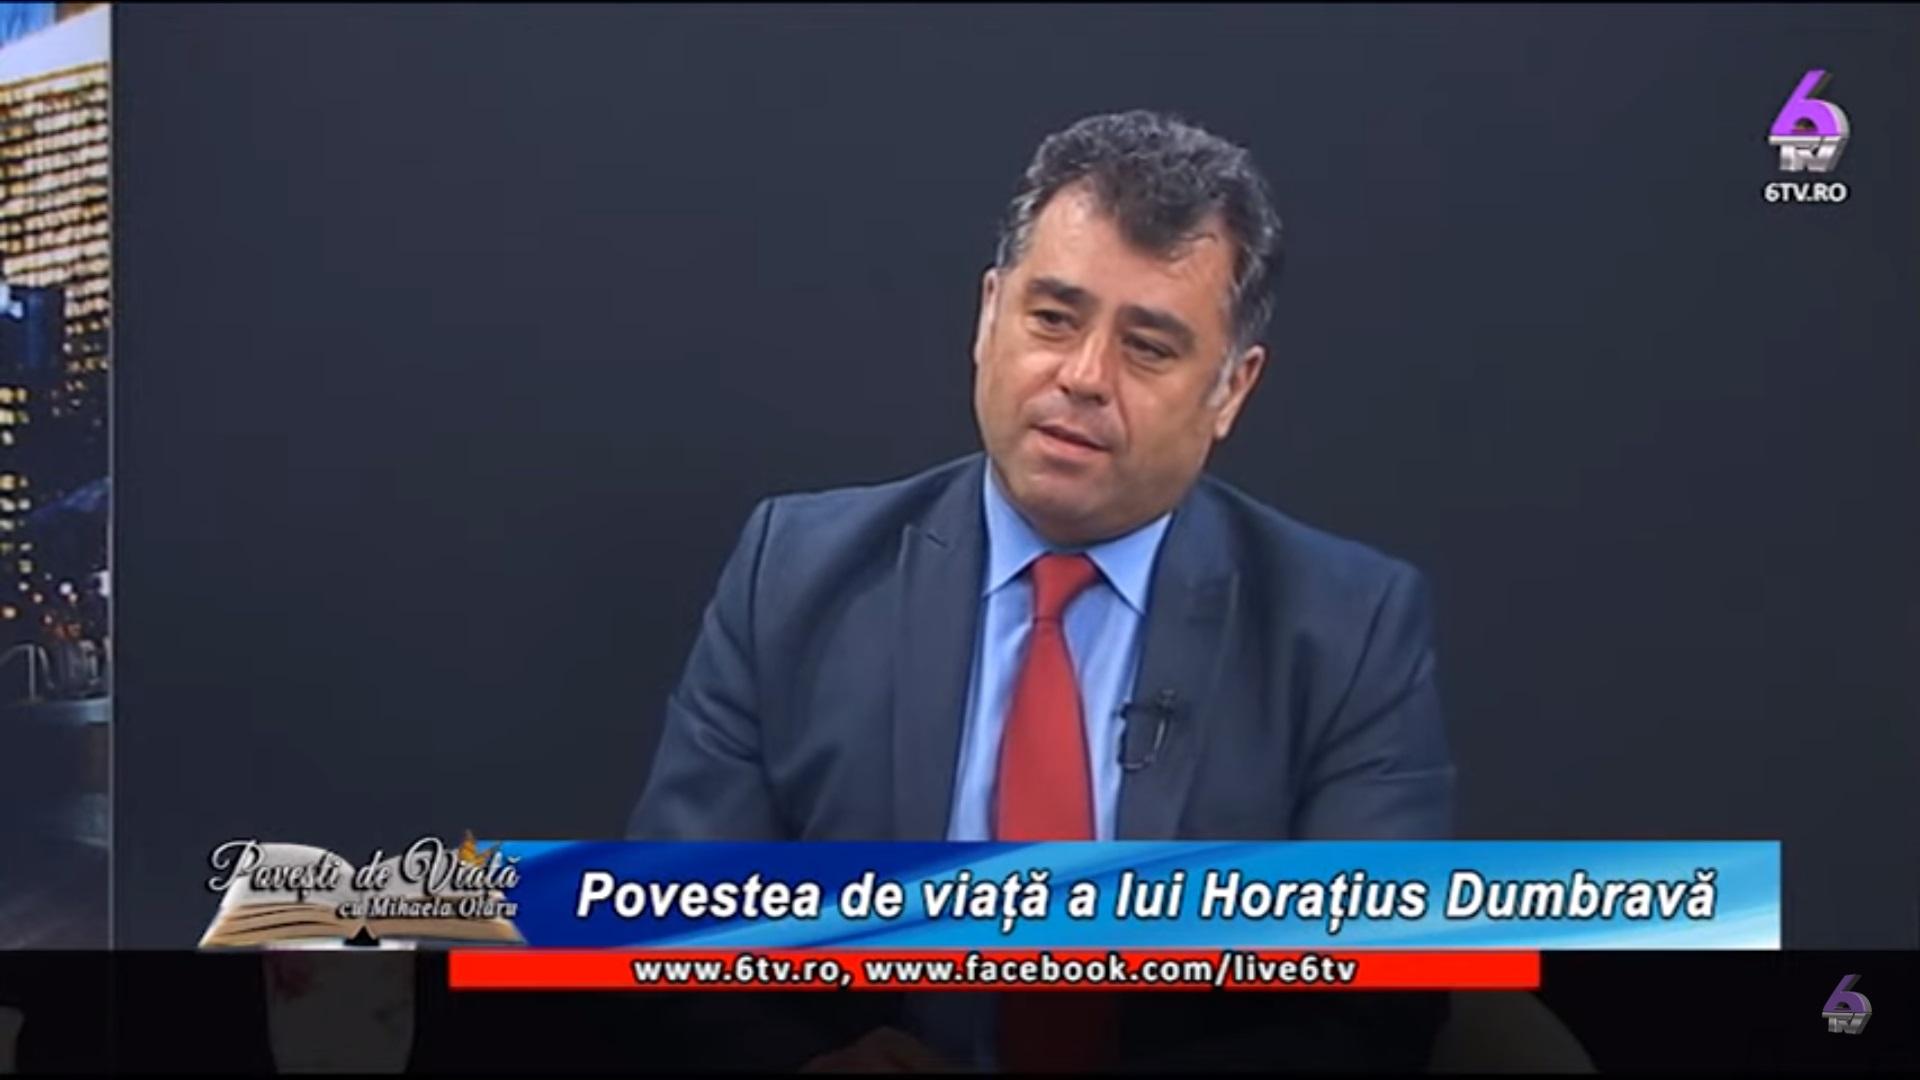 41. Judecătorul HORAȚIUS DUMBRAVĂ